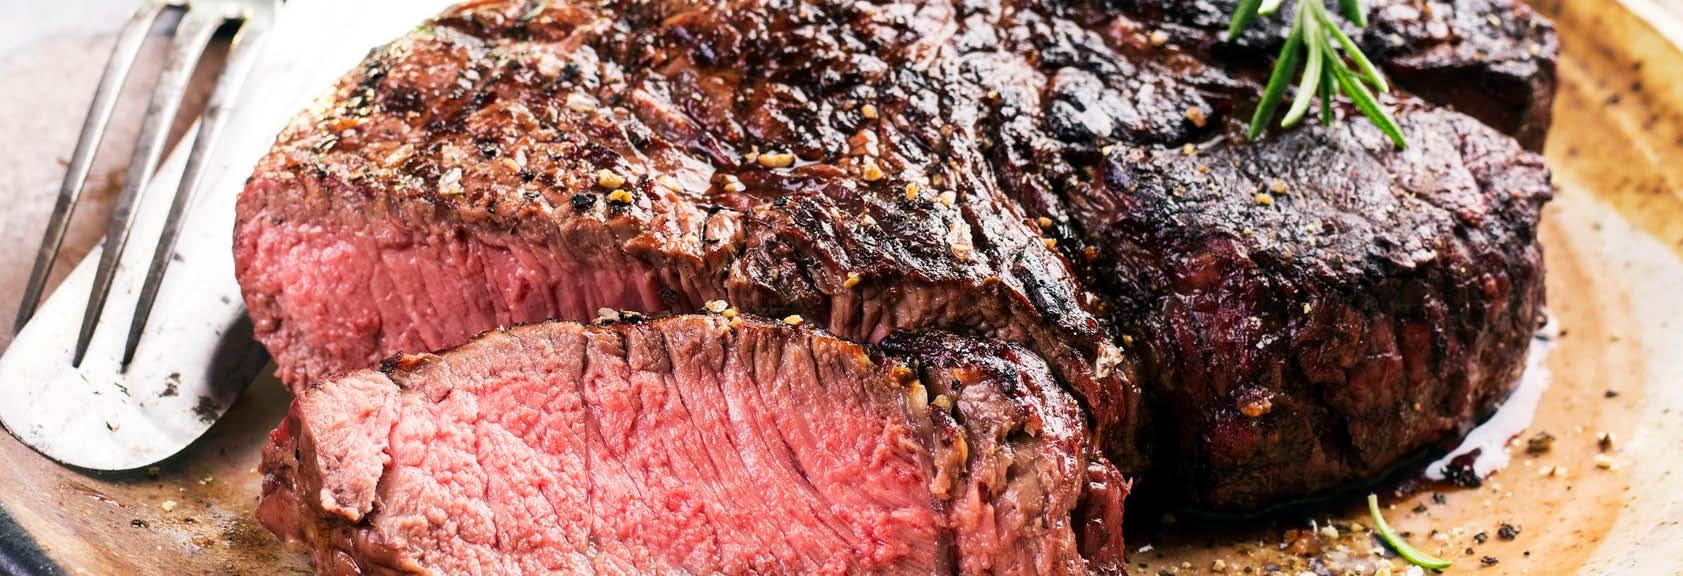 Wagner's Meats steak photo